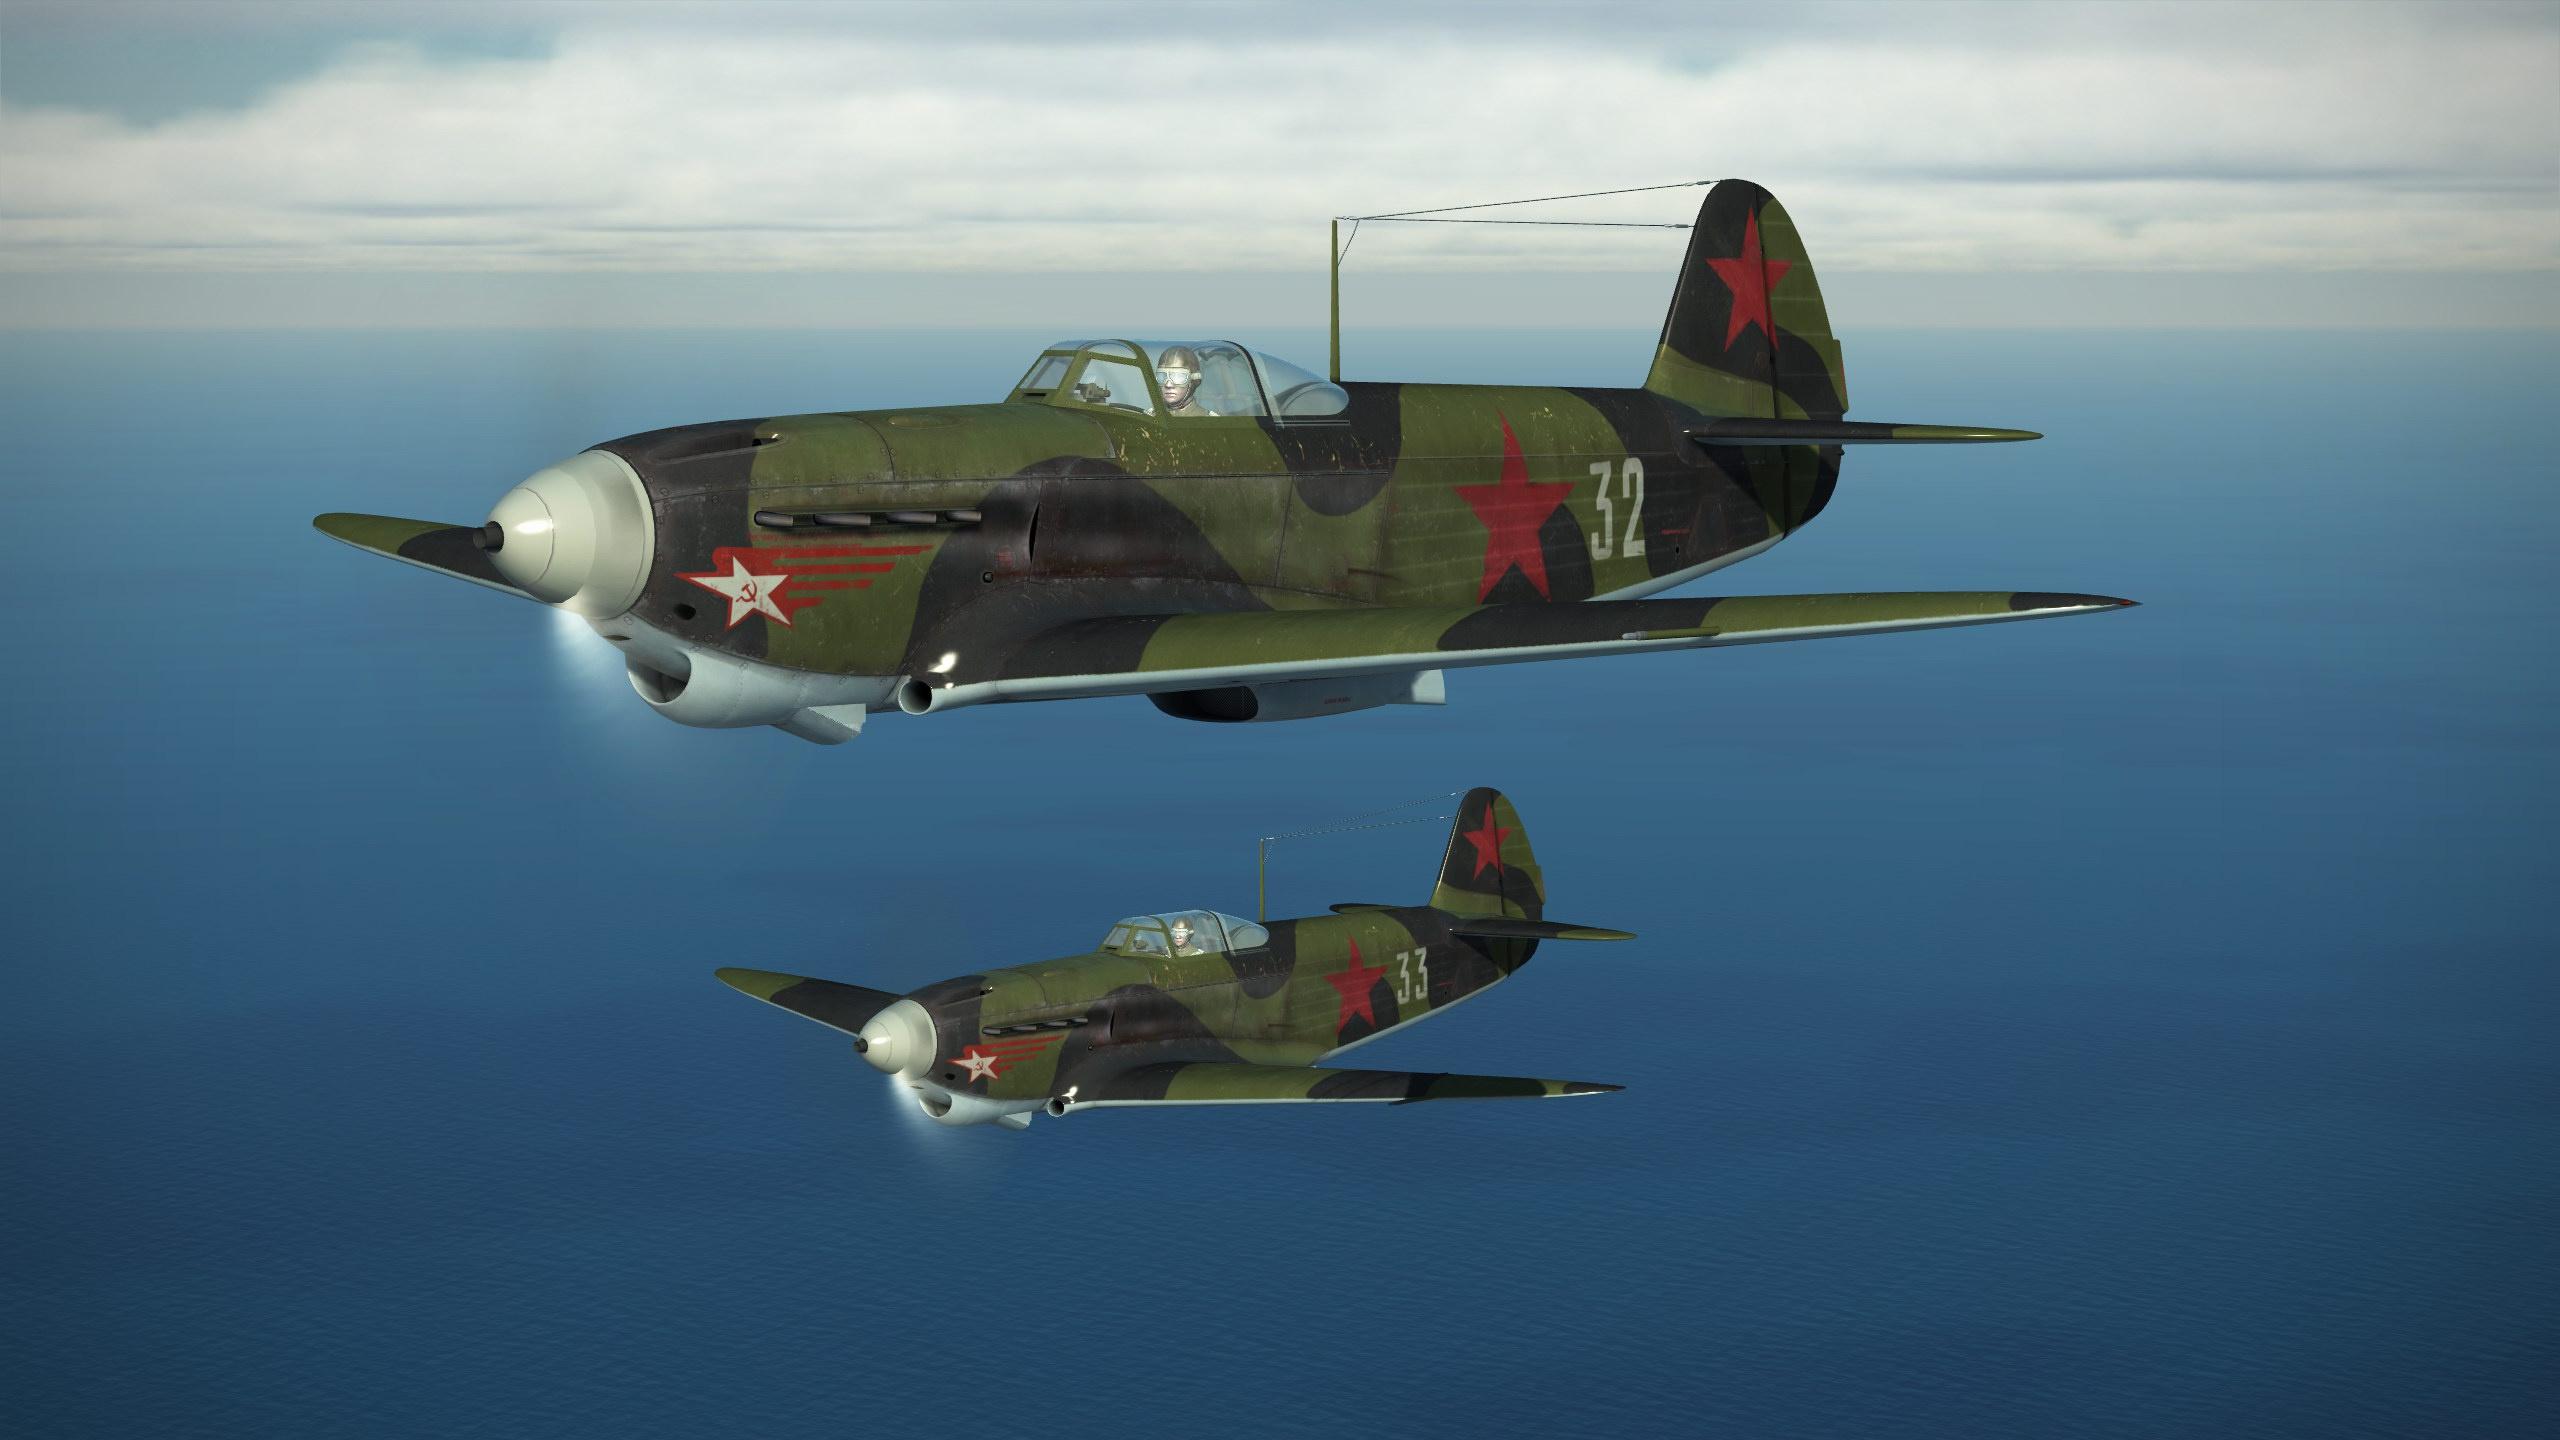 Як-1Б, 1943 год. Данные варианты текстур, воссоздающие исторические окраски самолётов, выполнены Максимом Брянским.<figcaption class=